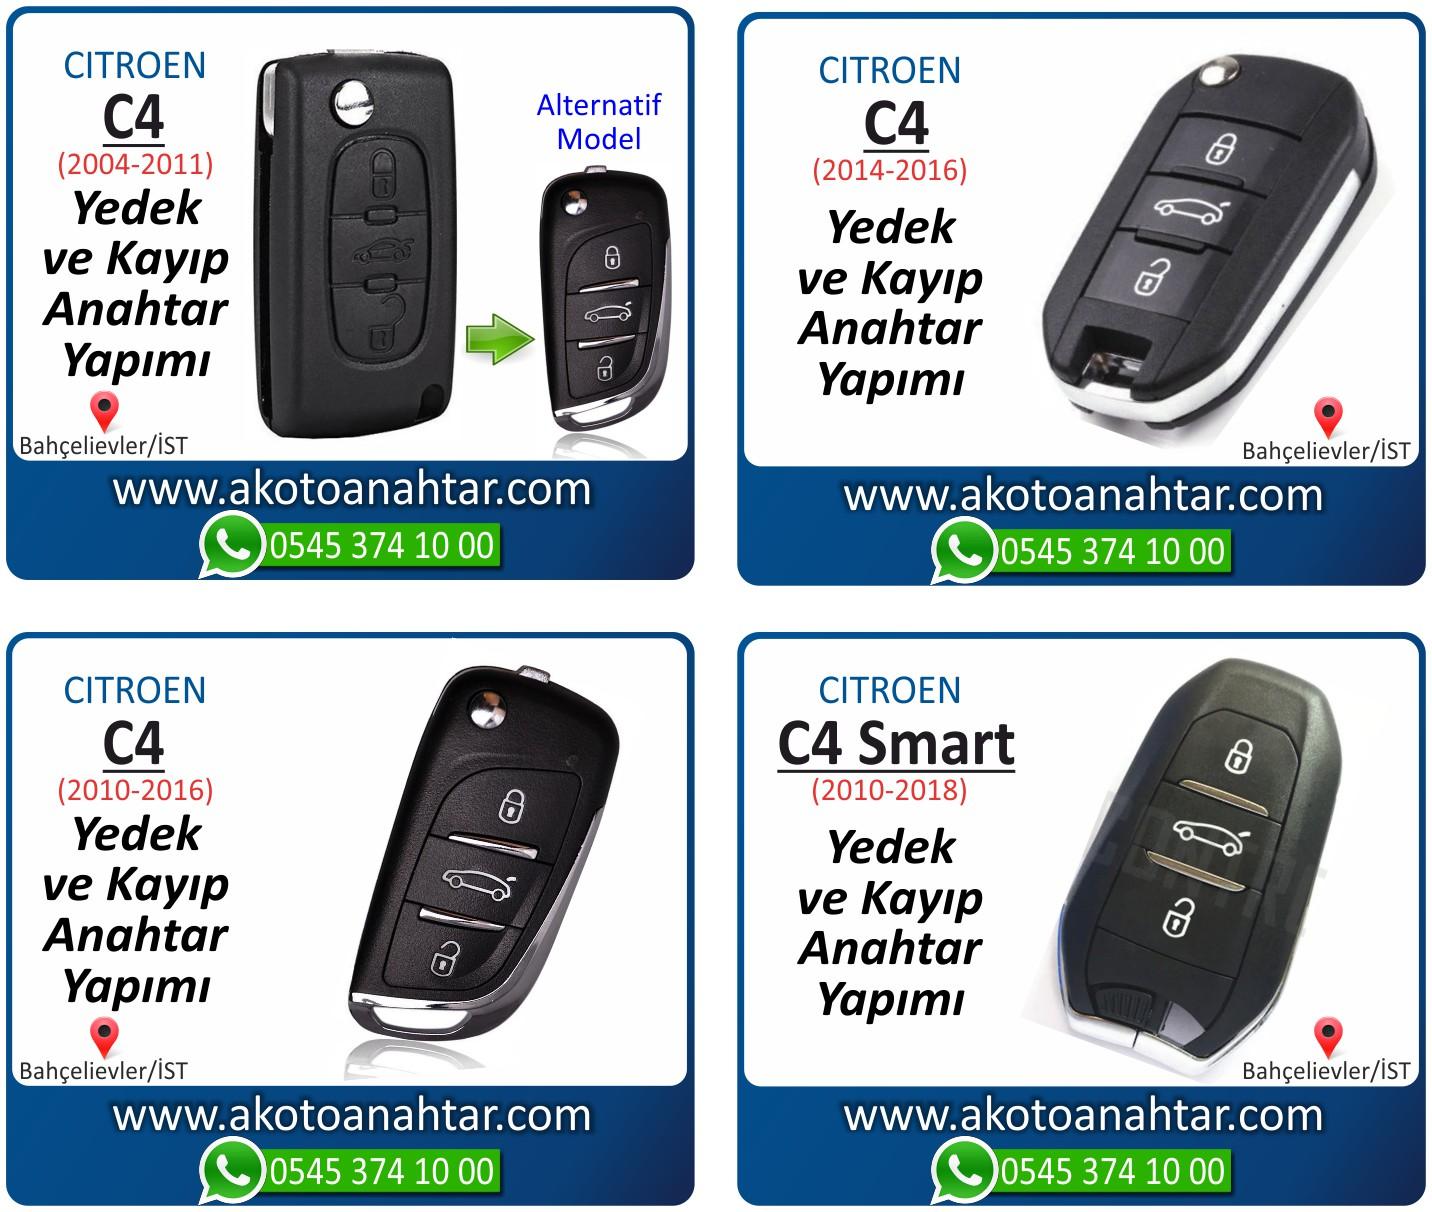 Citroen c4 c 4 anahtari - Citroen C4 Sustalı Anahtarı | Yedek ve Kayıp Anahtar Yapımı